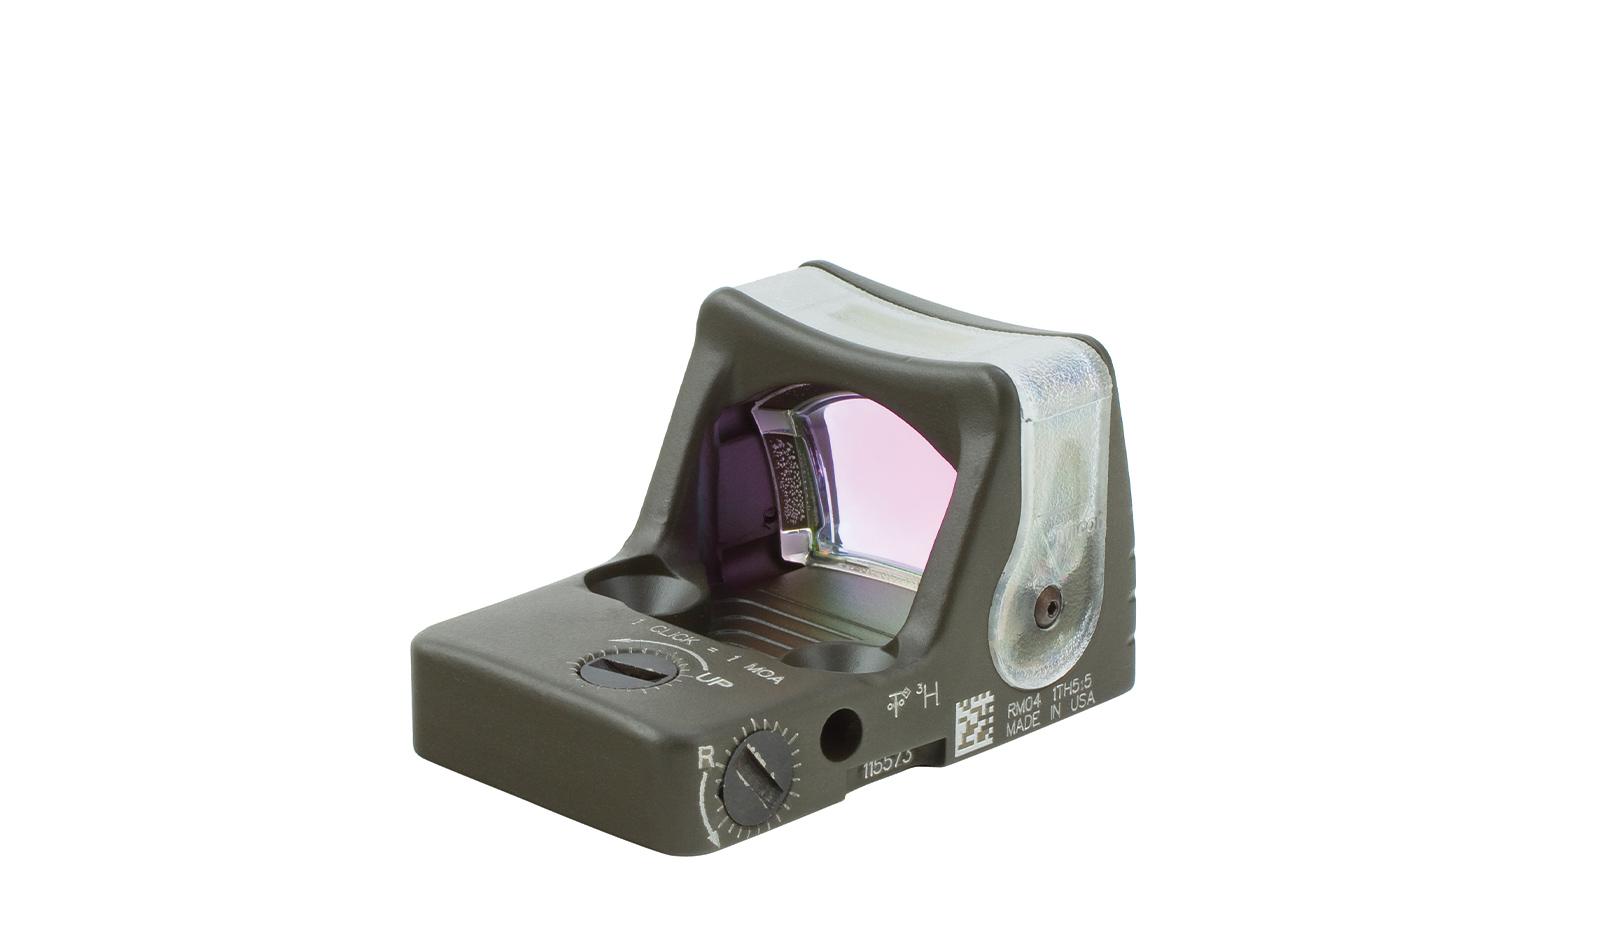 RM05-C-700188 angle 5